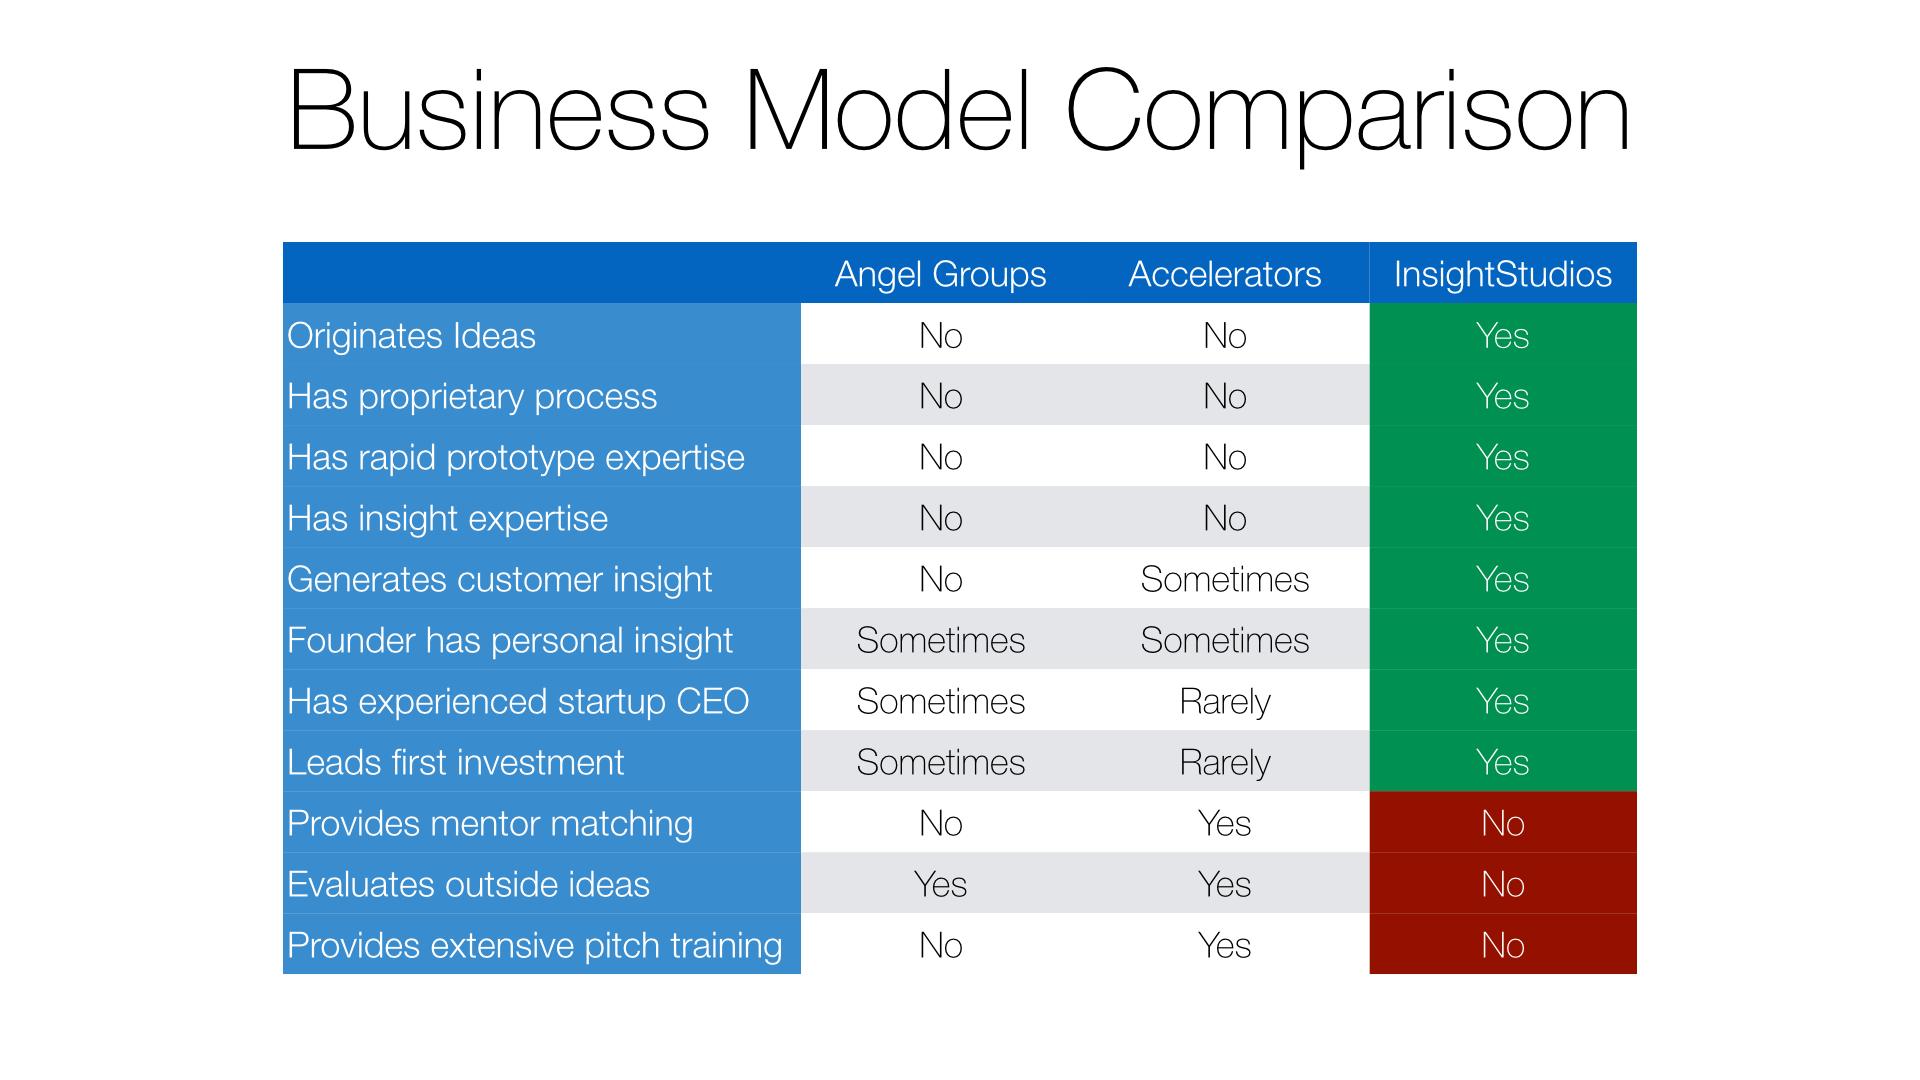 Exhibit B. InsightStudios, a venture studio, versus Angel Groups and Accelerators